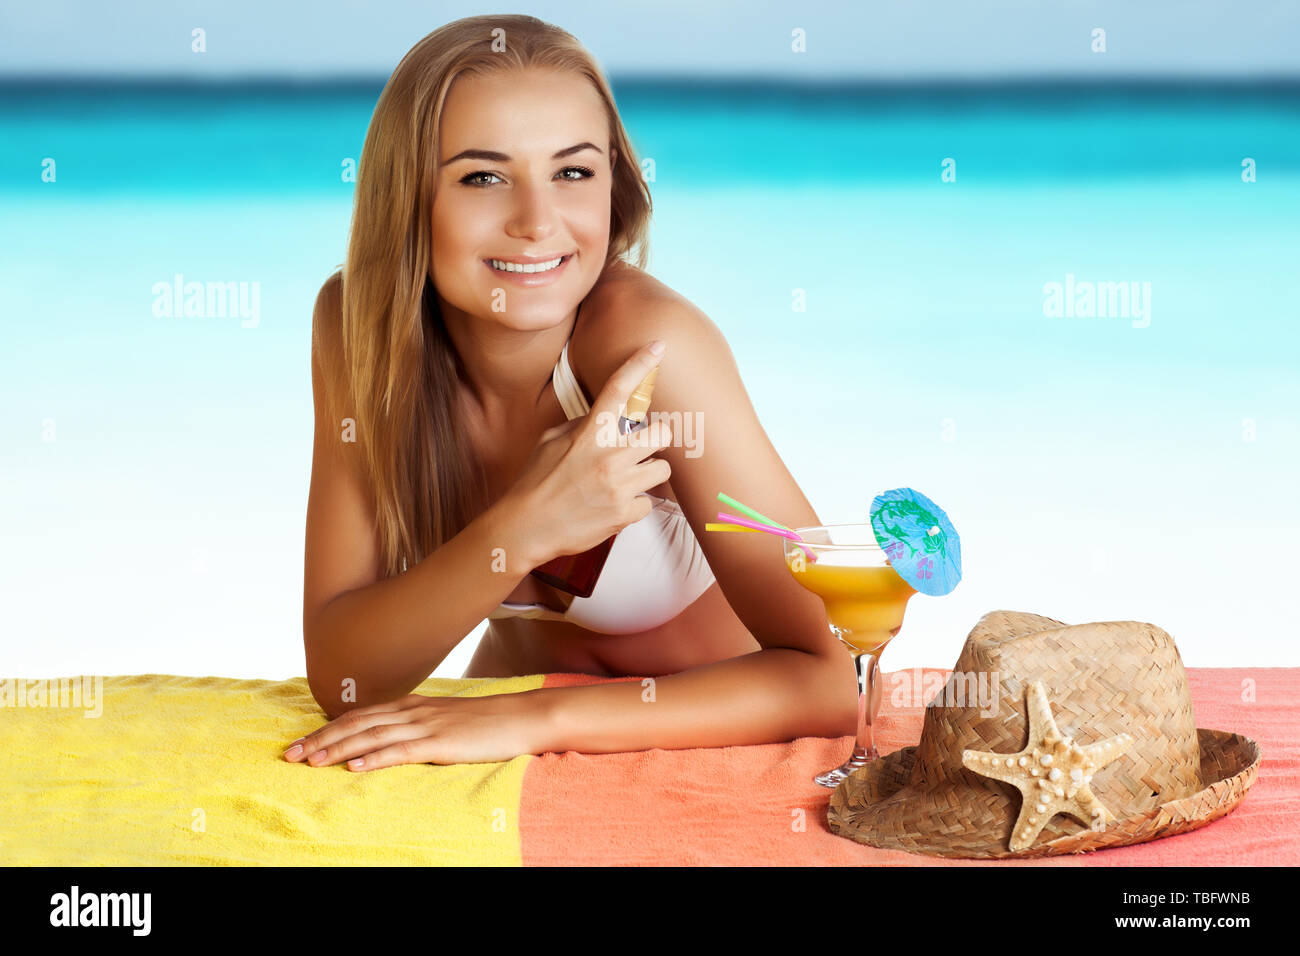 Ritratto di una bella donna sorridente con il piacere di trascorrere del tempo sulla spiaggia, utilizza una protezione solare spray per un sicuro tan, applicando anti-invecchiamento idratante Immagini Stock